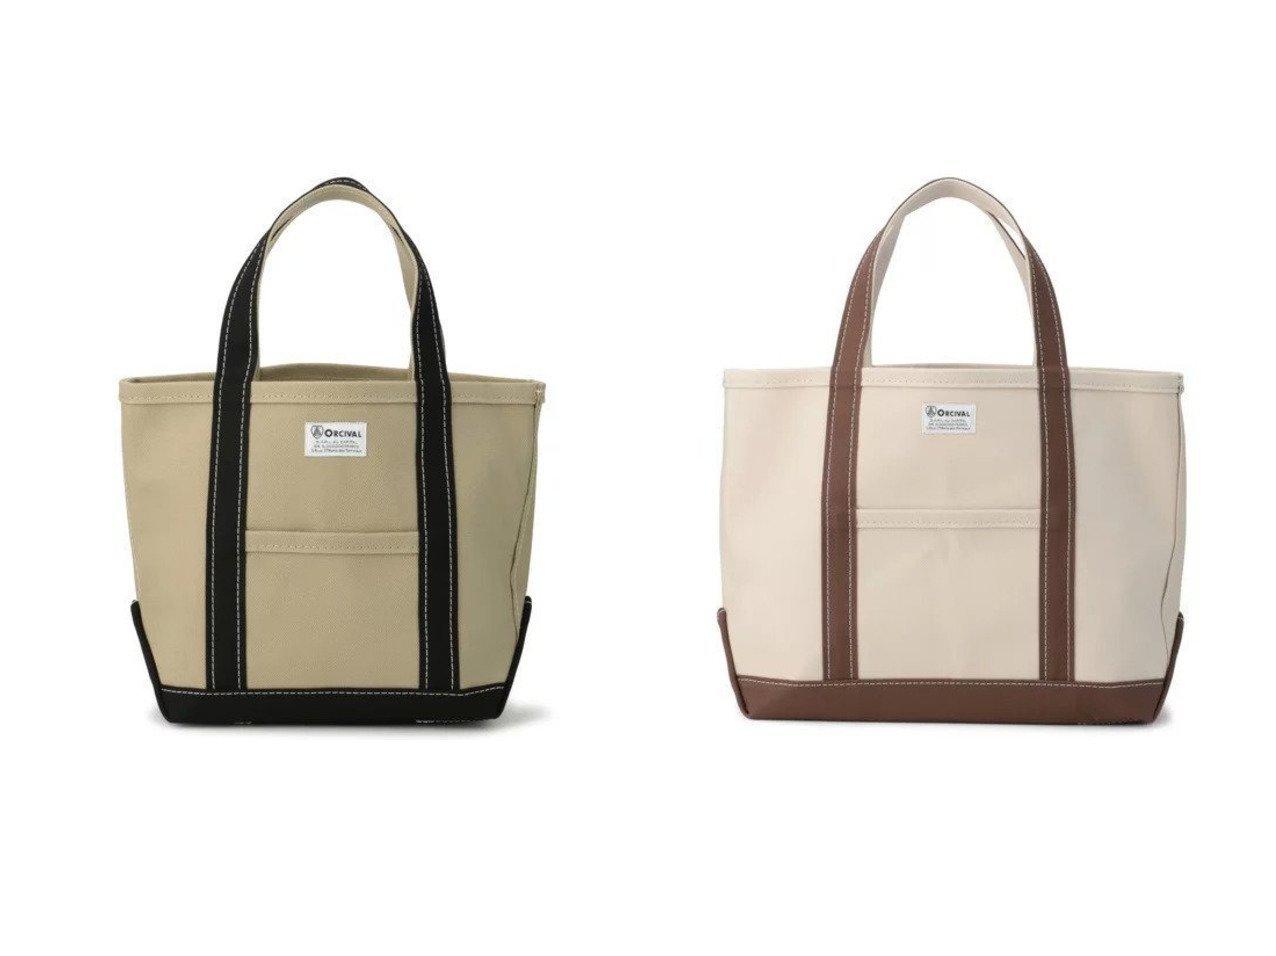 【ORCIVAL/オーシバル】のキャンバストートバッグM&キャンバストートバッグS バッグ・鞄のおすすめ!人気、トレンド・レディースファッションの通販  おすすめで人気の流行・トレンド、ファッションの通販商品 メンズファッション・キッズファッション・インテリア・家具・レディースファッション・服の通販 founy(ファニー) https://founy.com/ ファッション Fashion レディースファッション WOMEN バッグ Bag A/W 秋冬 AW Autumn/Winter / FW Fall-Winter キャンバス 人気 フロント ポケット 定番 Standard |ID:crp329100000024529